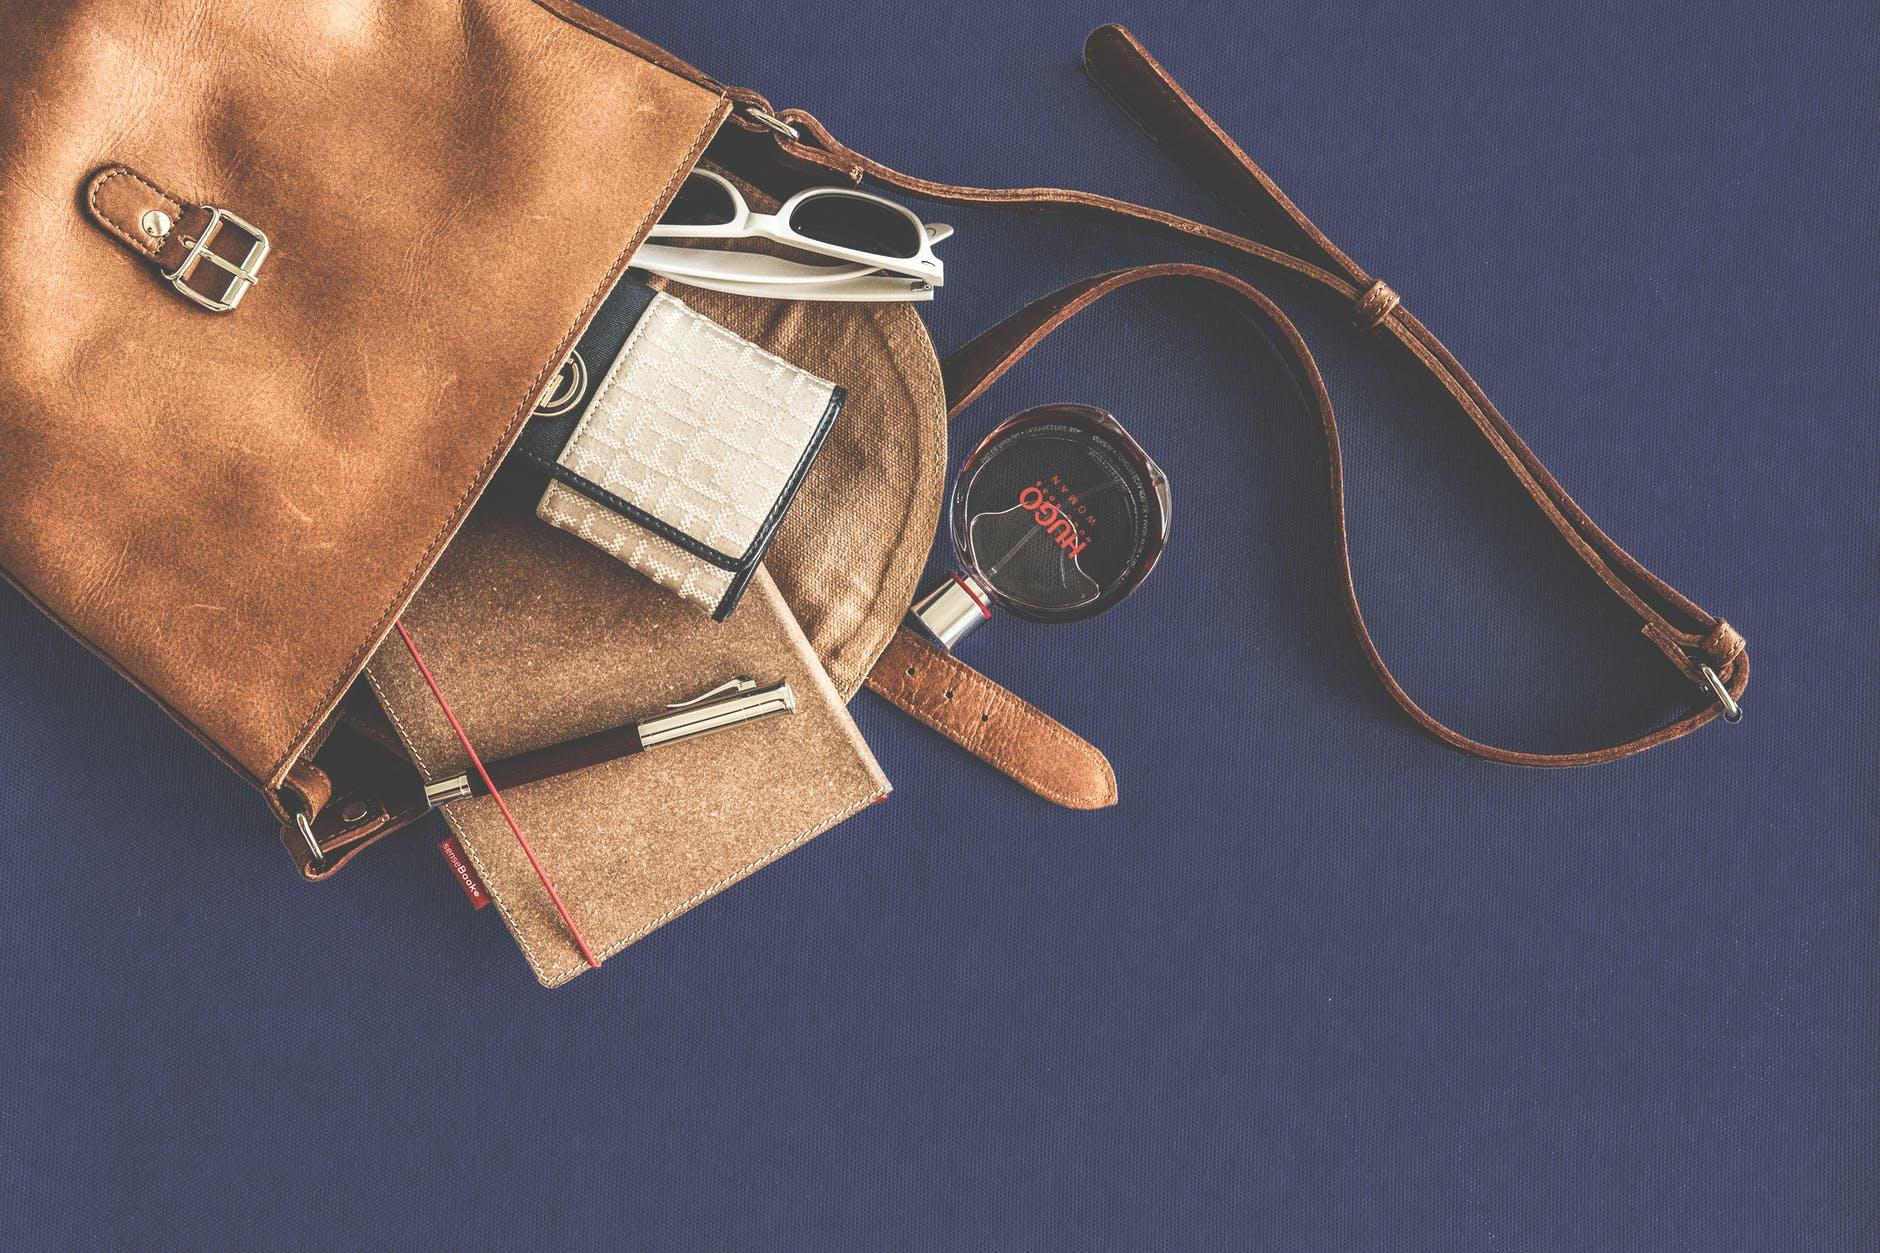 94607cfe288 Eerlijke en duurzame tassen vind je nu nog gemakkelijker! | Blog ...